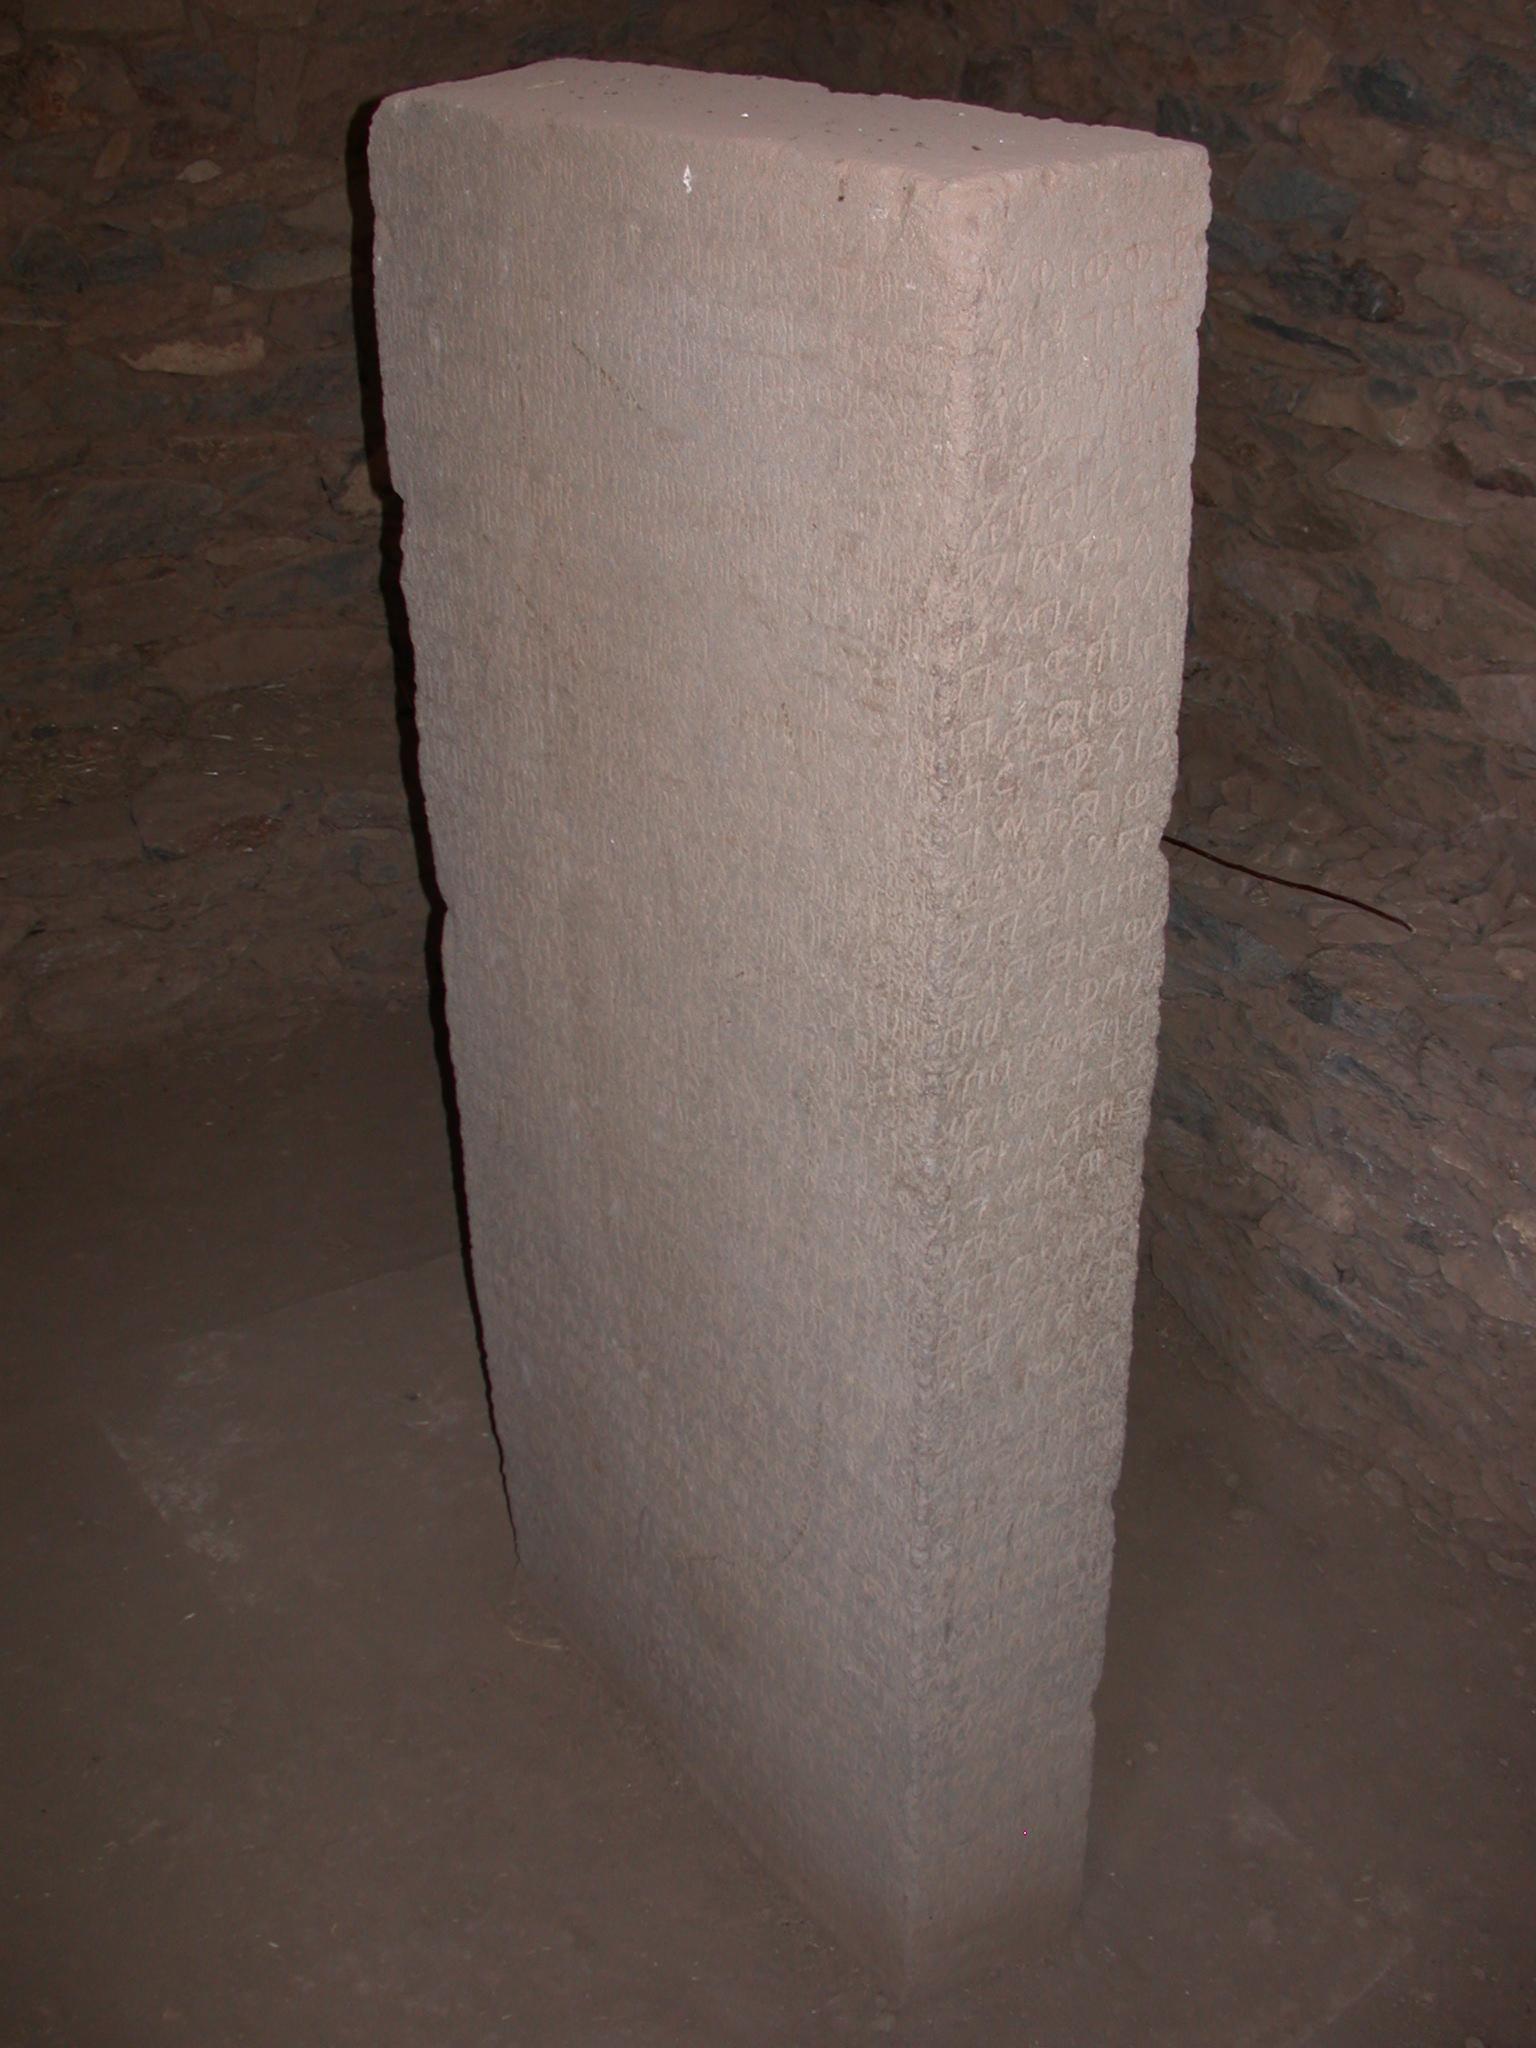 Trilingual Tablet, Axum, Tigrai, Ethiopia